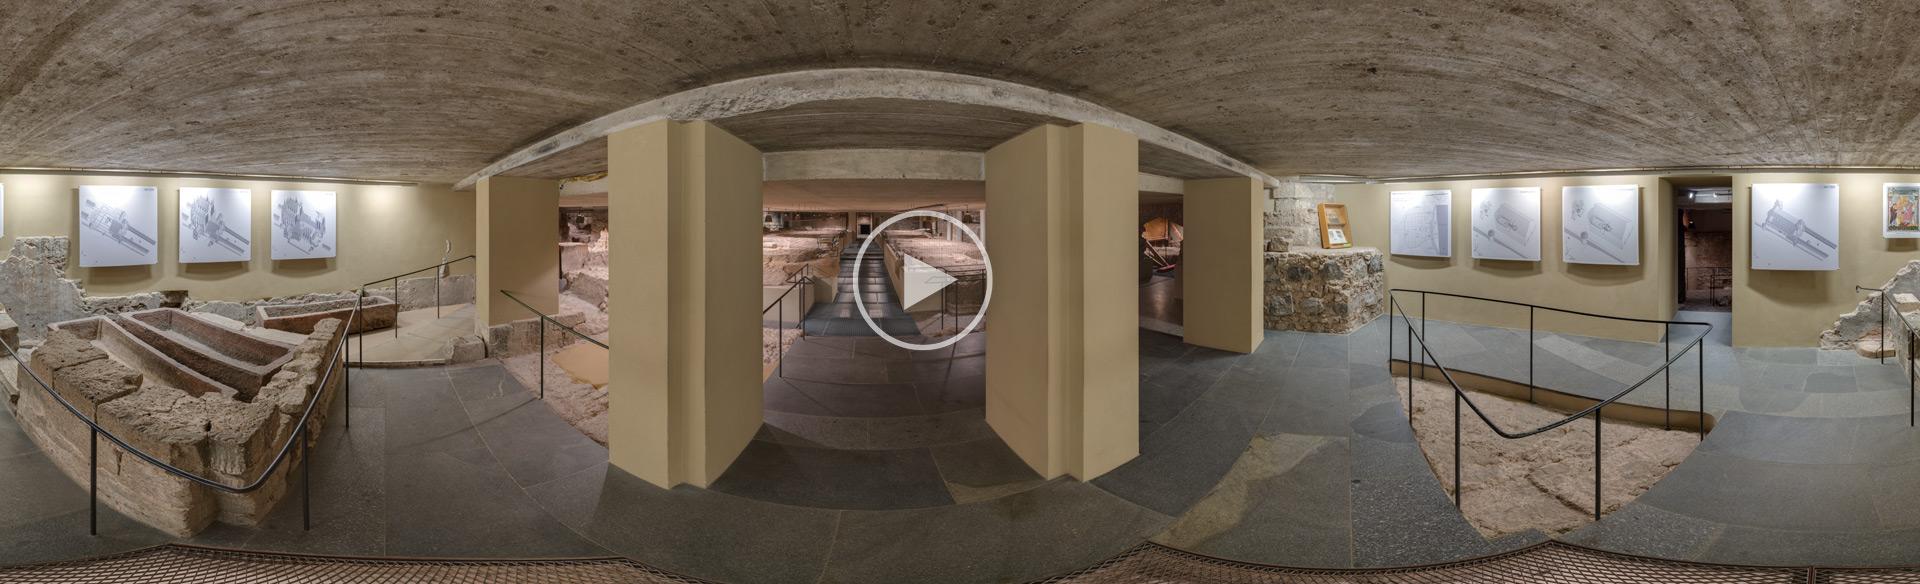 Ausgrabung unter dem Kölner Dom Kugelpanorama